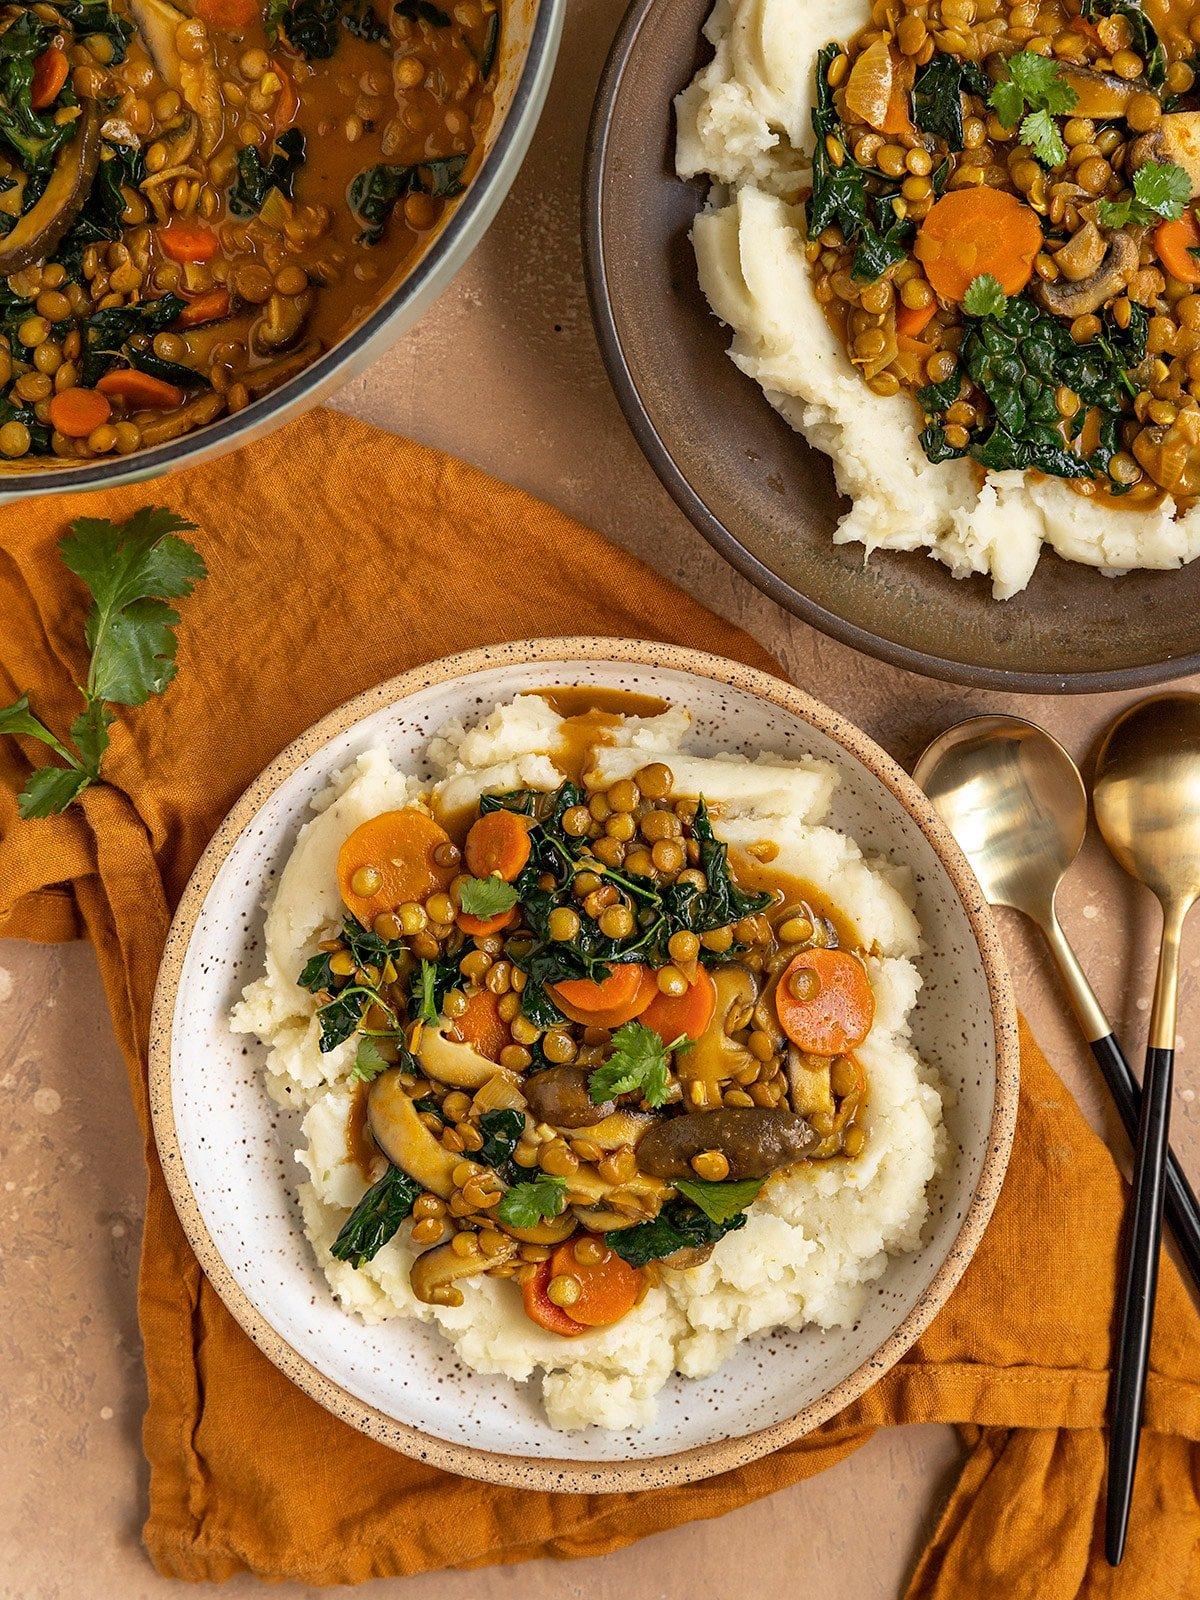 two bowls of lentil stew alongside a pot of lentil stew